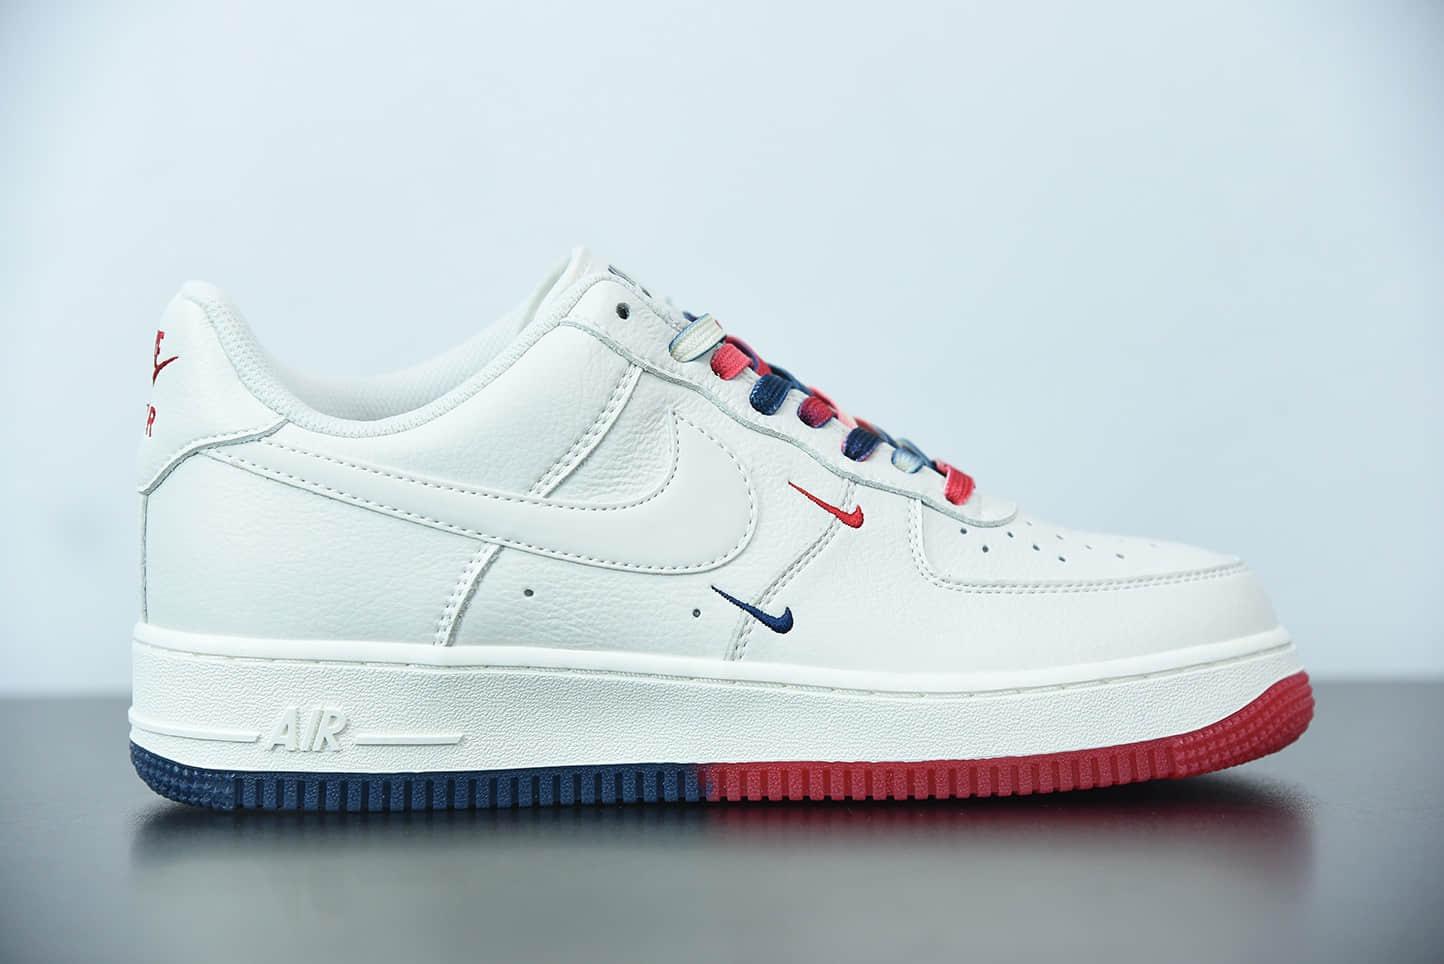 耐克 Nike Air Force 1 Low '07 米红蓝''洛杉矶快船''城市限定低帮空军一号休闲板鞋纯原版本 货号:CT1989-102